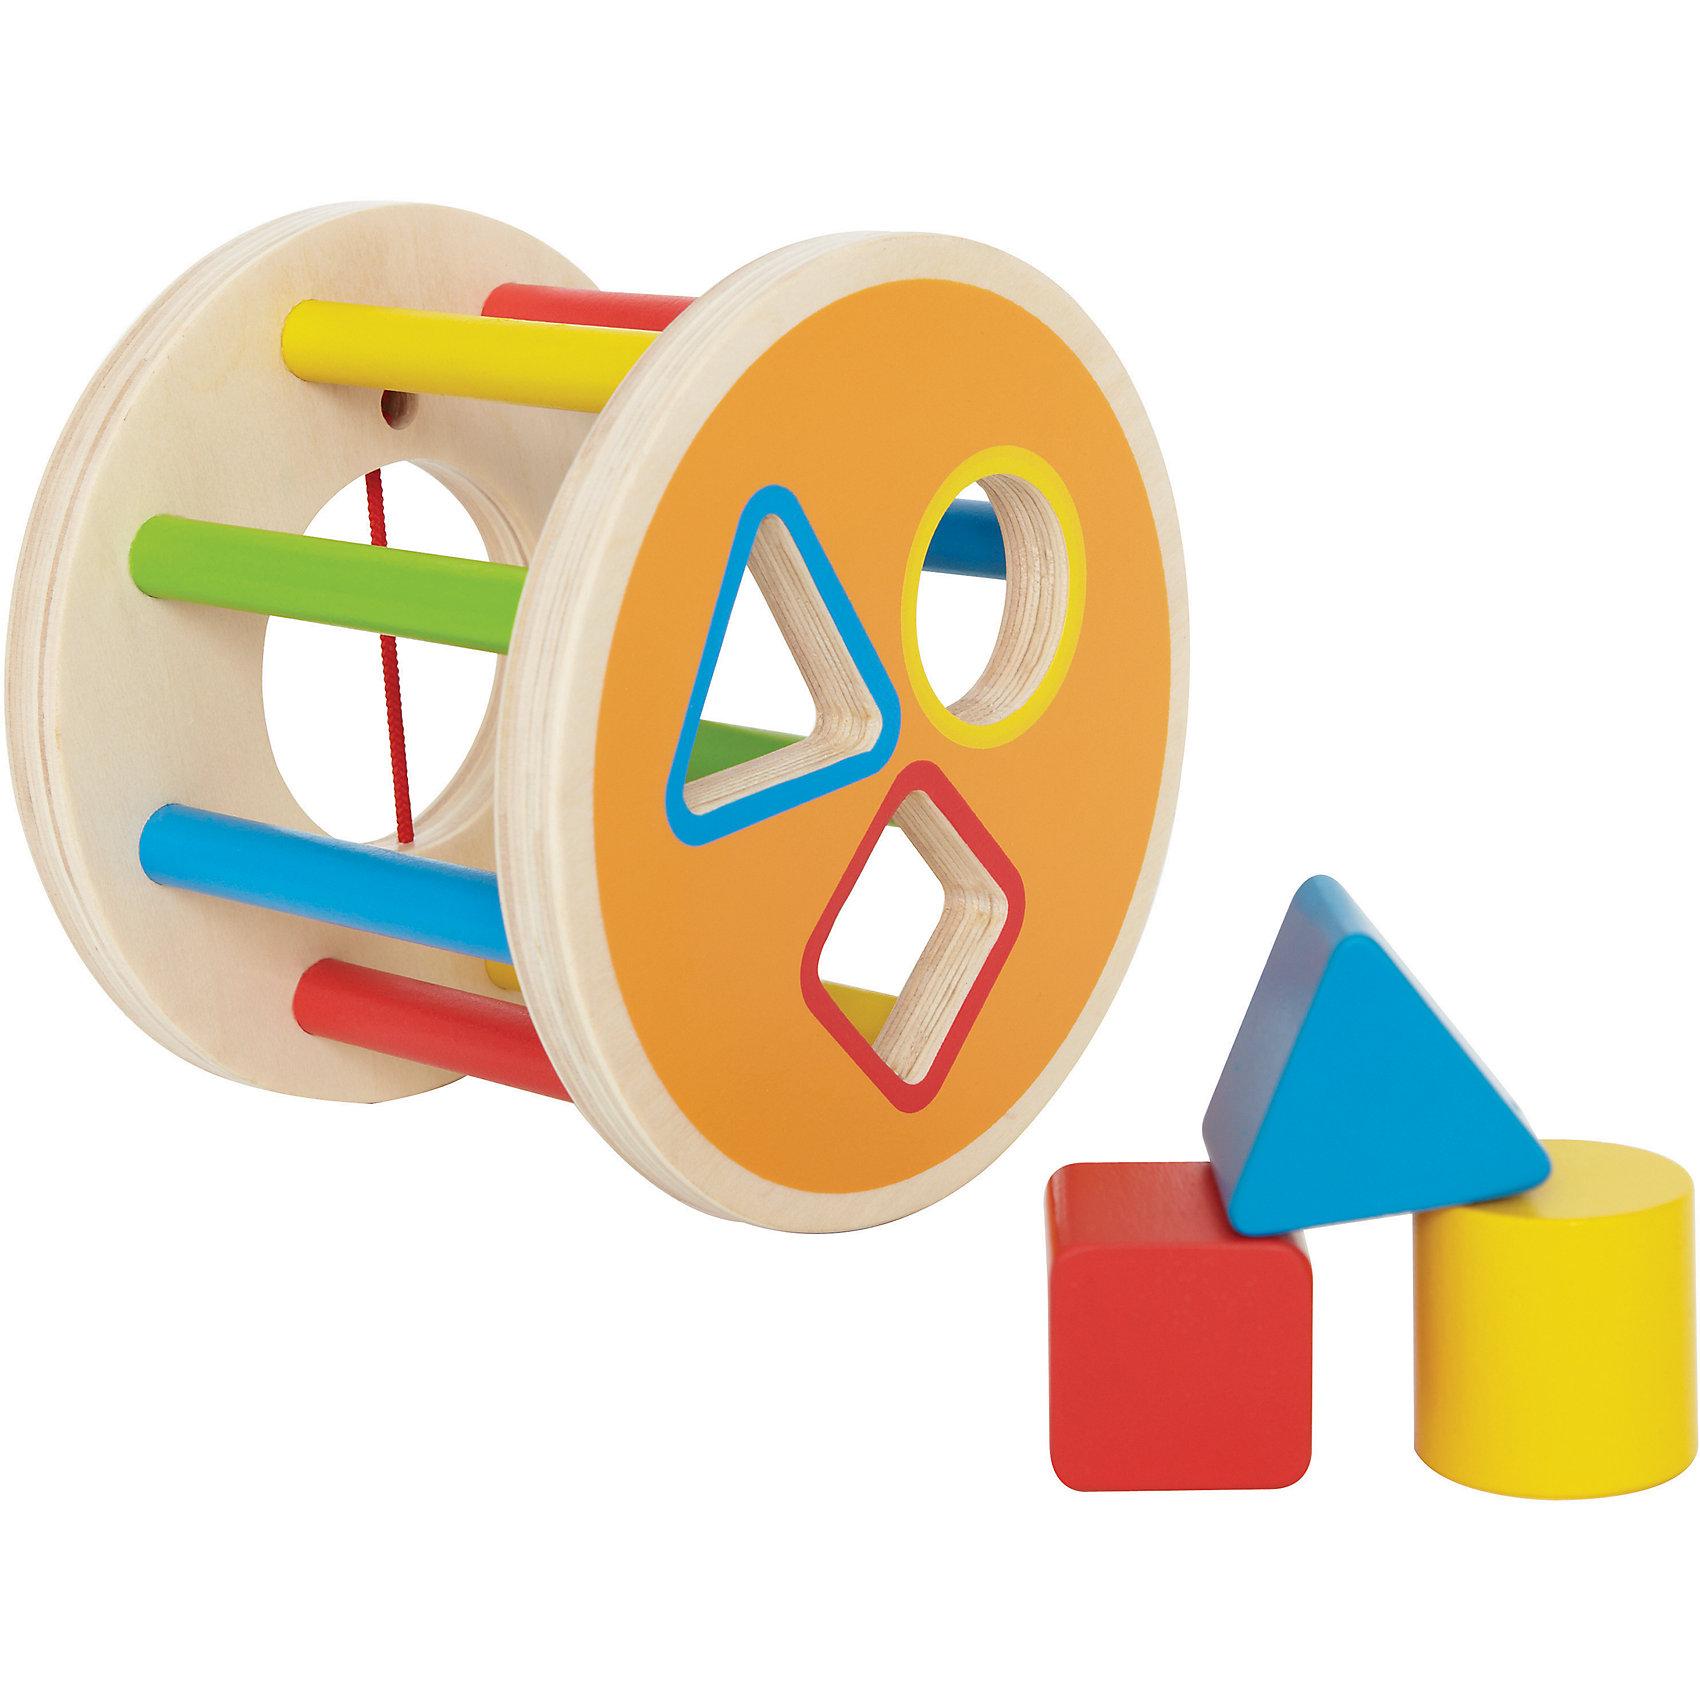 Hape Деревянная игрушка Сортер, Hape hape деревянная игрушка пазл счастливые часы